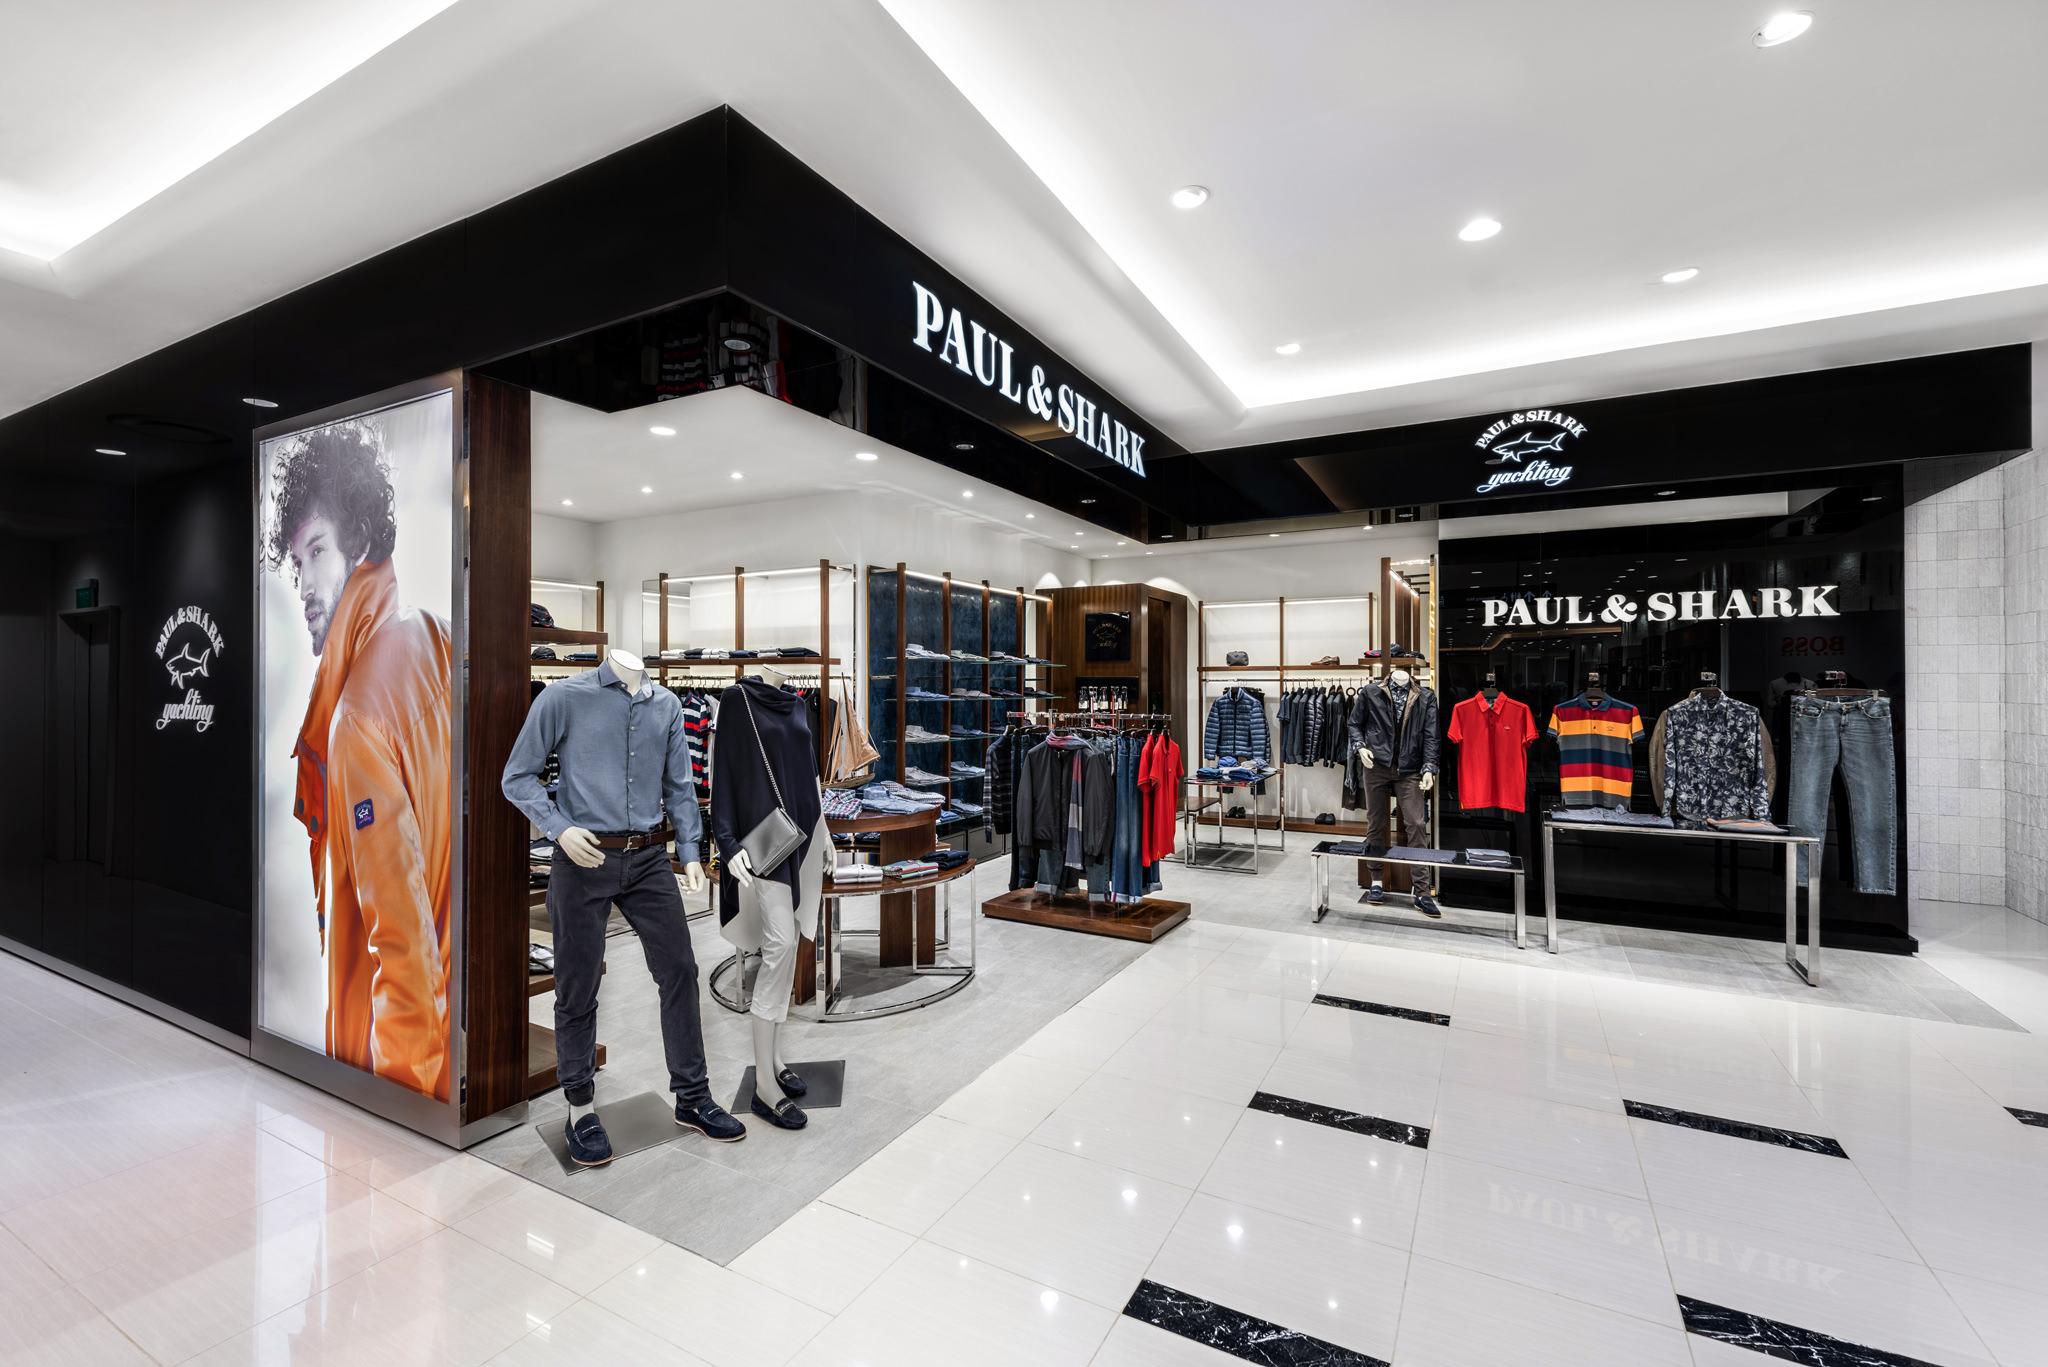 20160729 - Paul & Shark - HCM - Commercial - Interior - Store - Retouch 0002.jpg